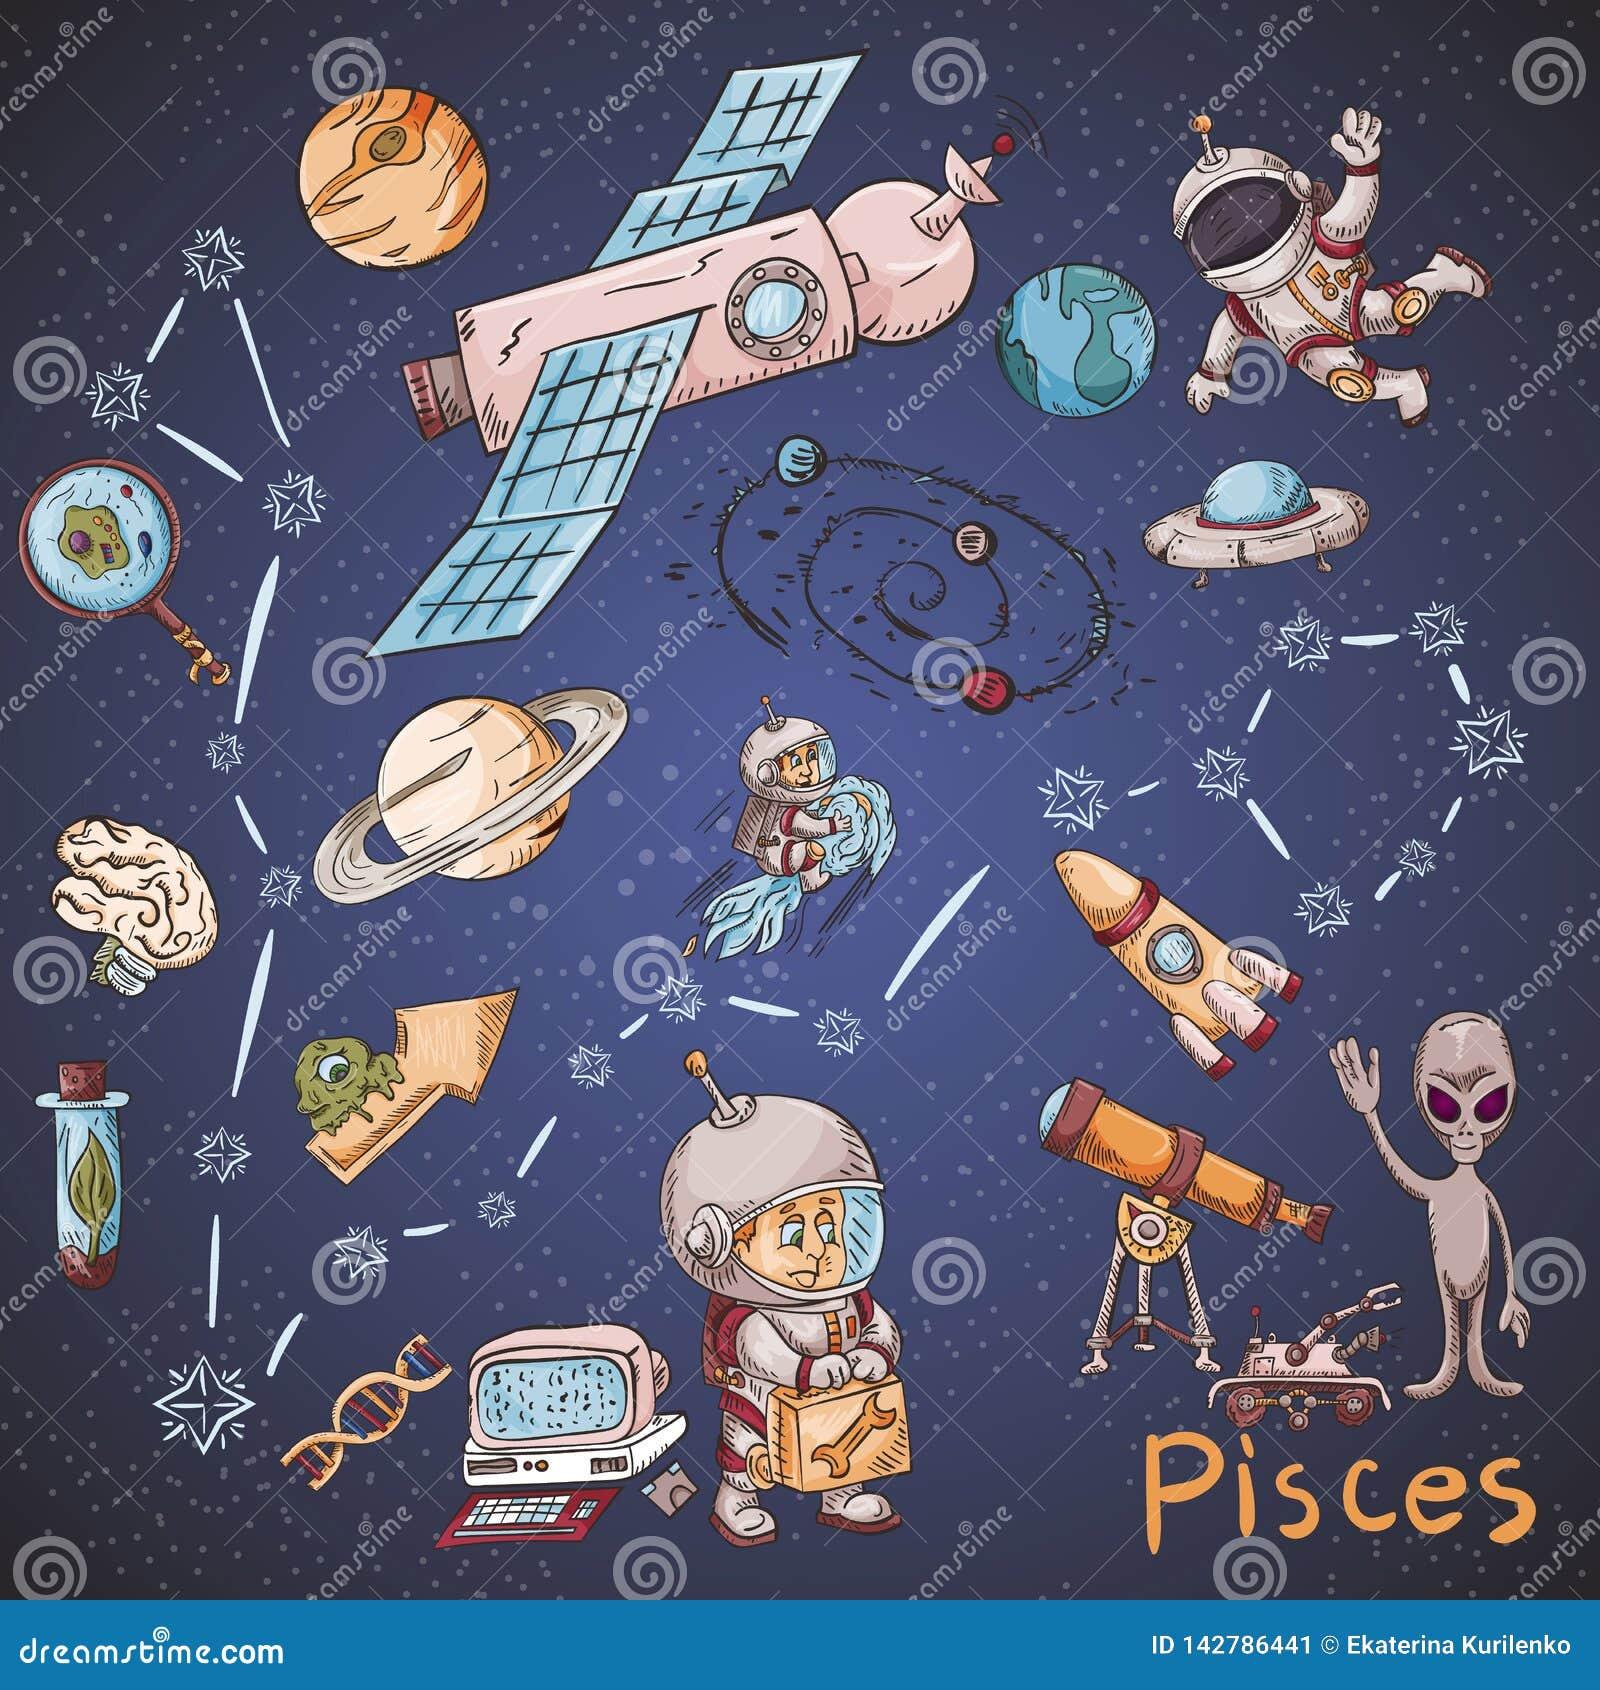 Constelación del espacio con los ejemplos de color de name_30_and en un tema científico y fantástico